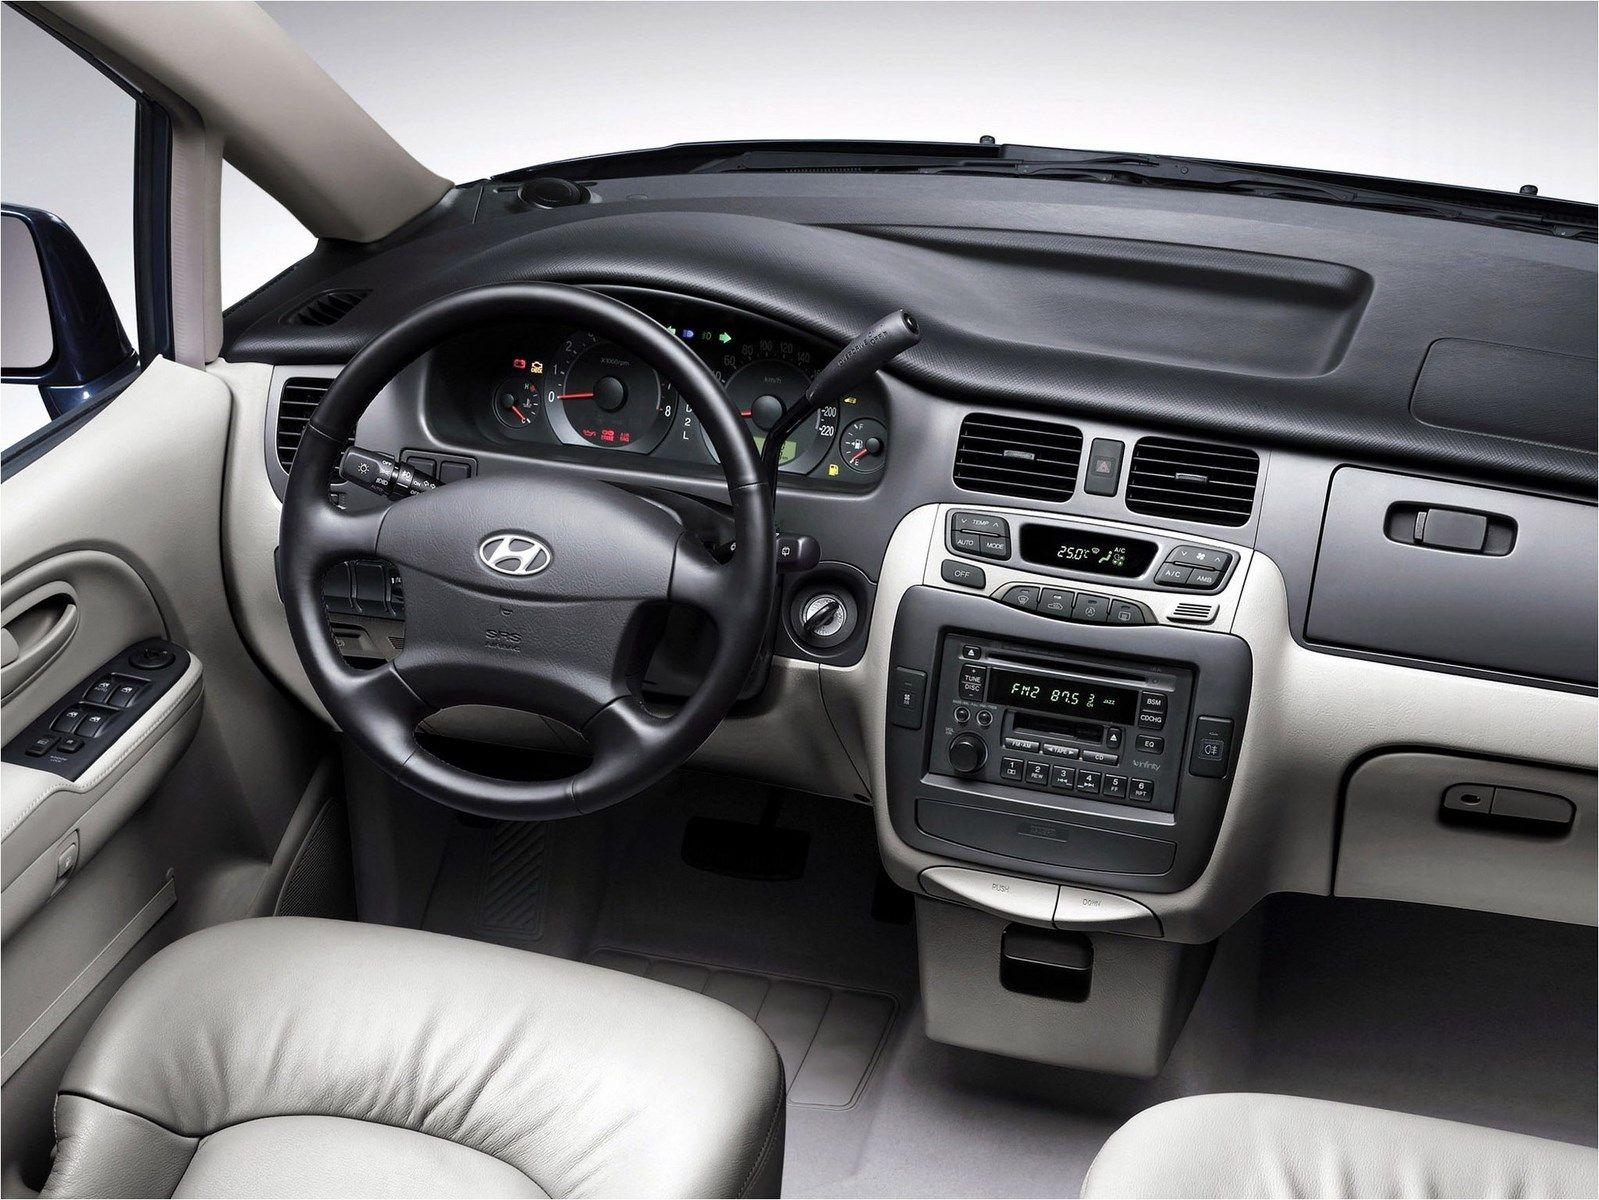 Hyundai Trajet 2014 Hyundai Vehicles Cars And Motorcycles